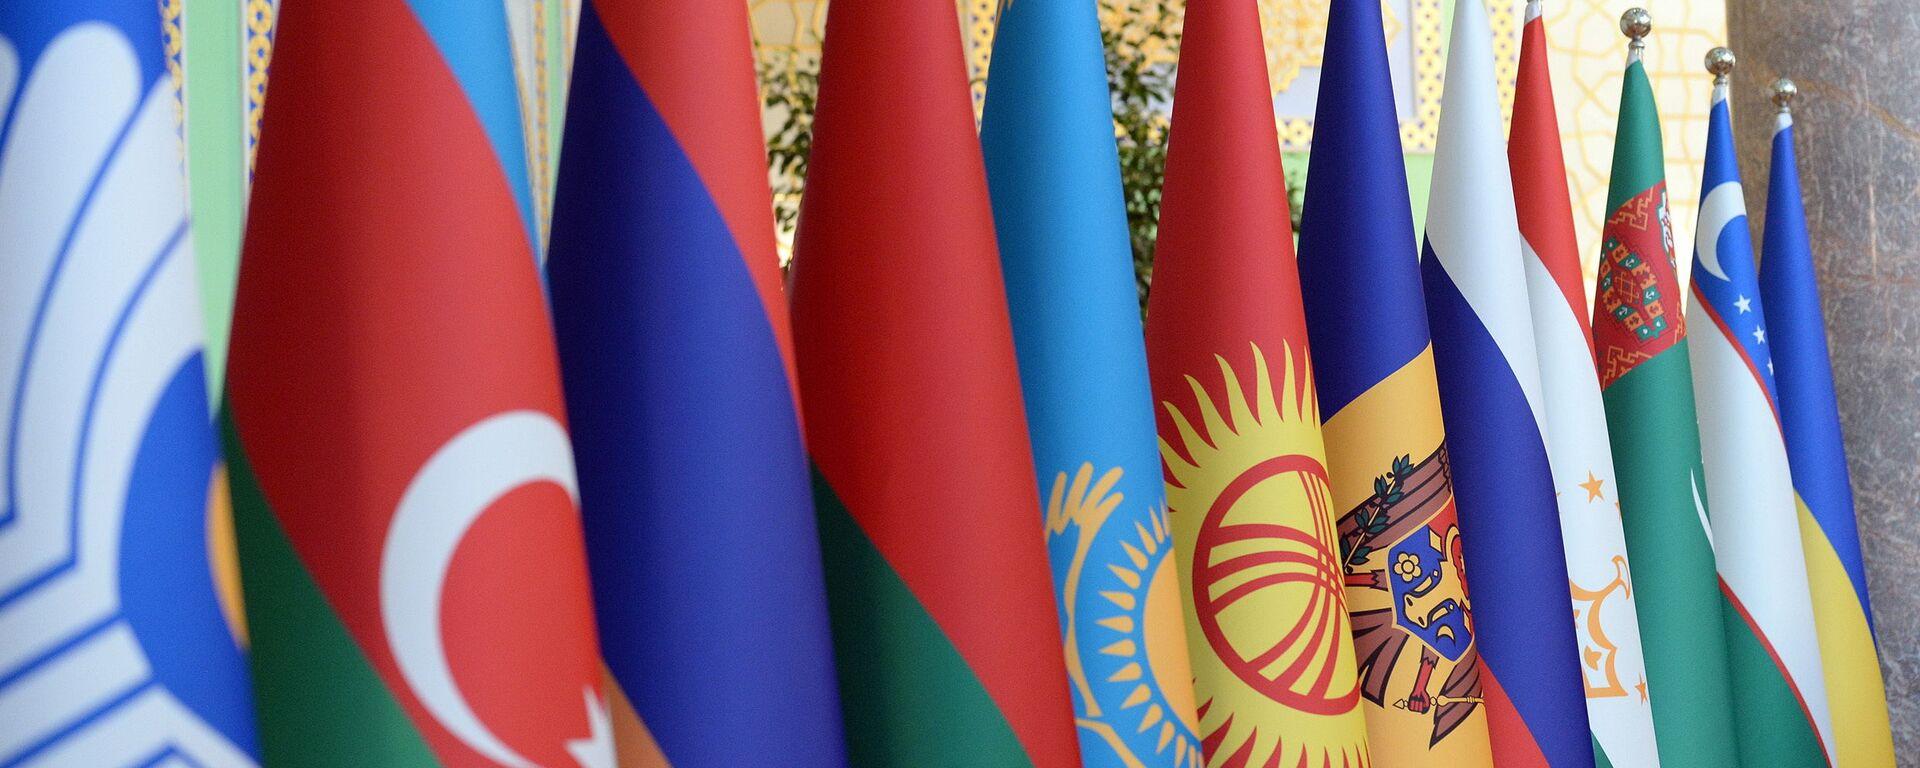 Эмблема и флаги участников Содружества Независимых Государств - Sputnik Азербайджан, 1920, 13.10.2019